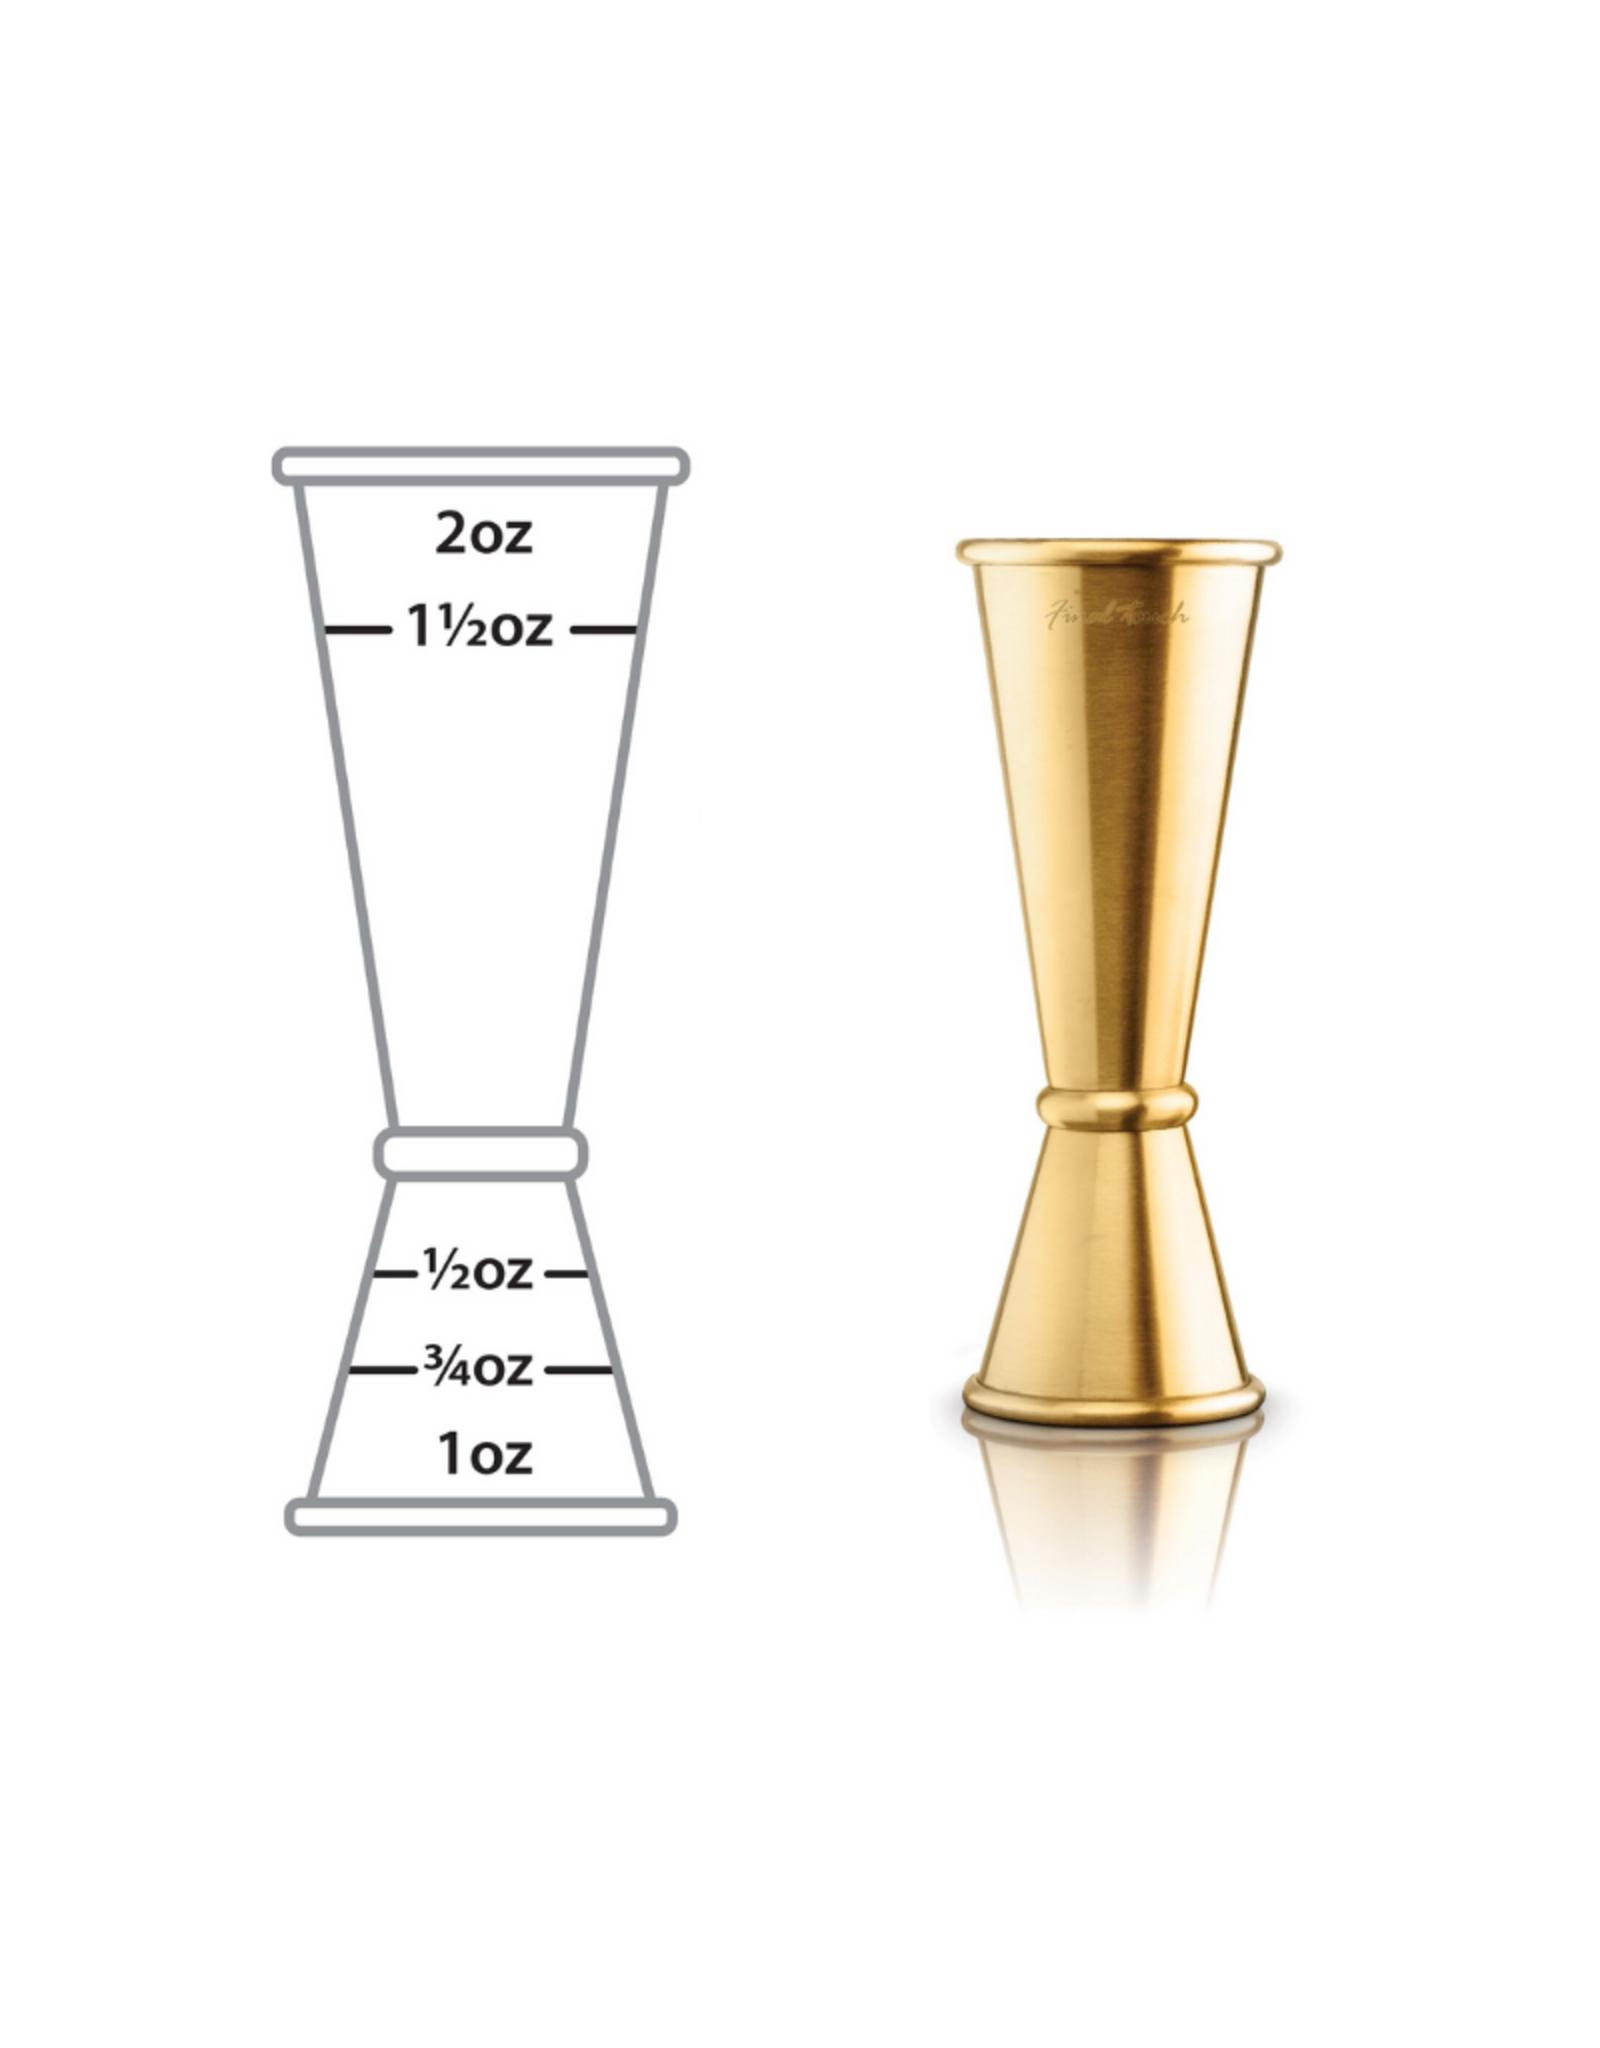 Final Touch Mesure 2 côtés pour boisson (1oz et 2oz) OR